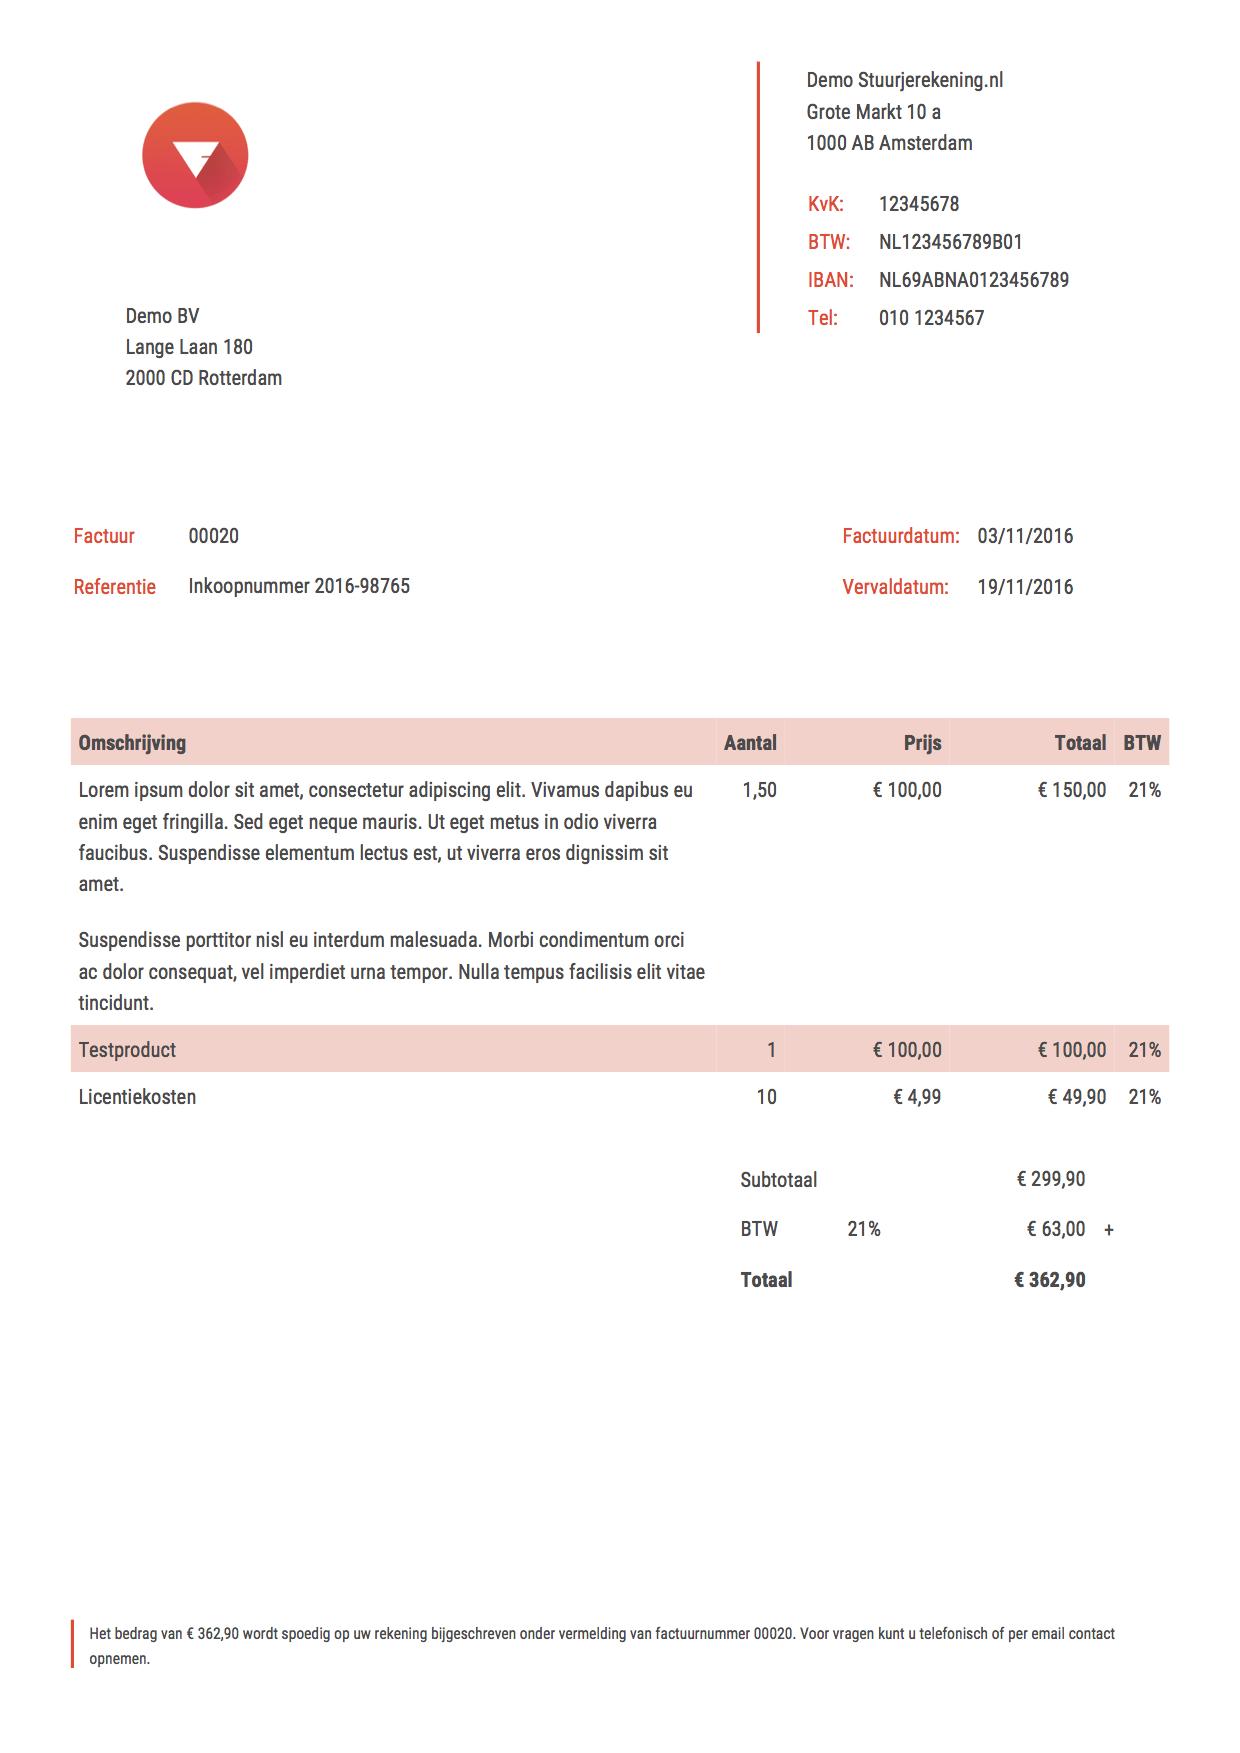 referentie factuur voorbeelden | Stuurjerekening.nl